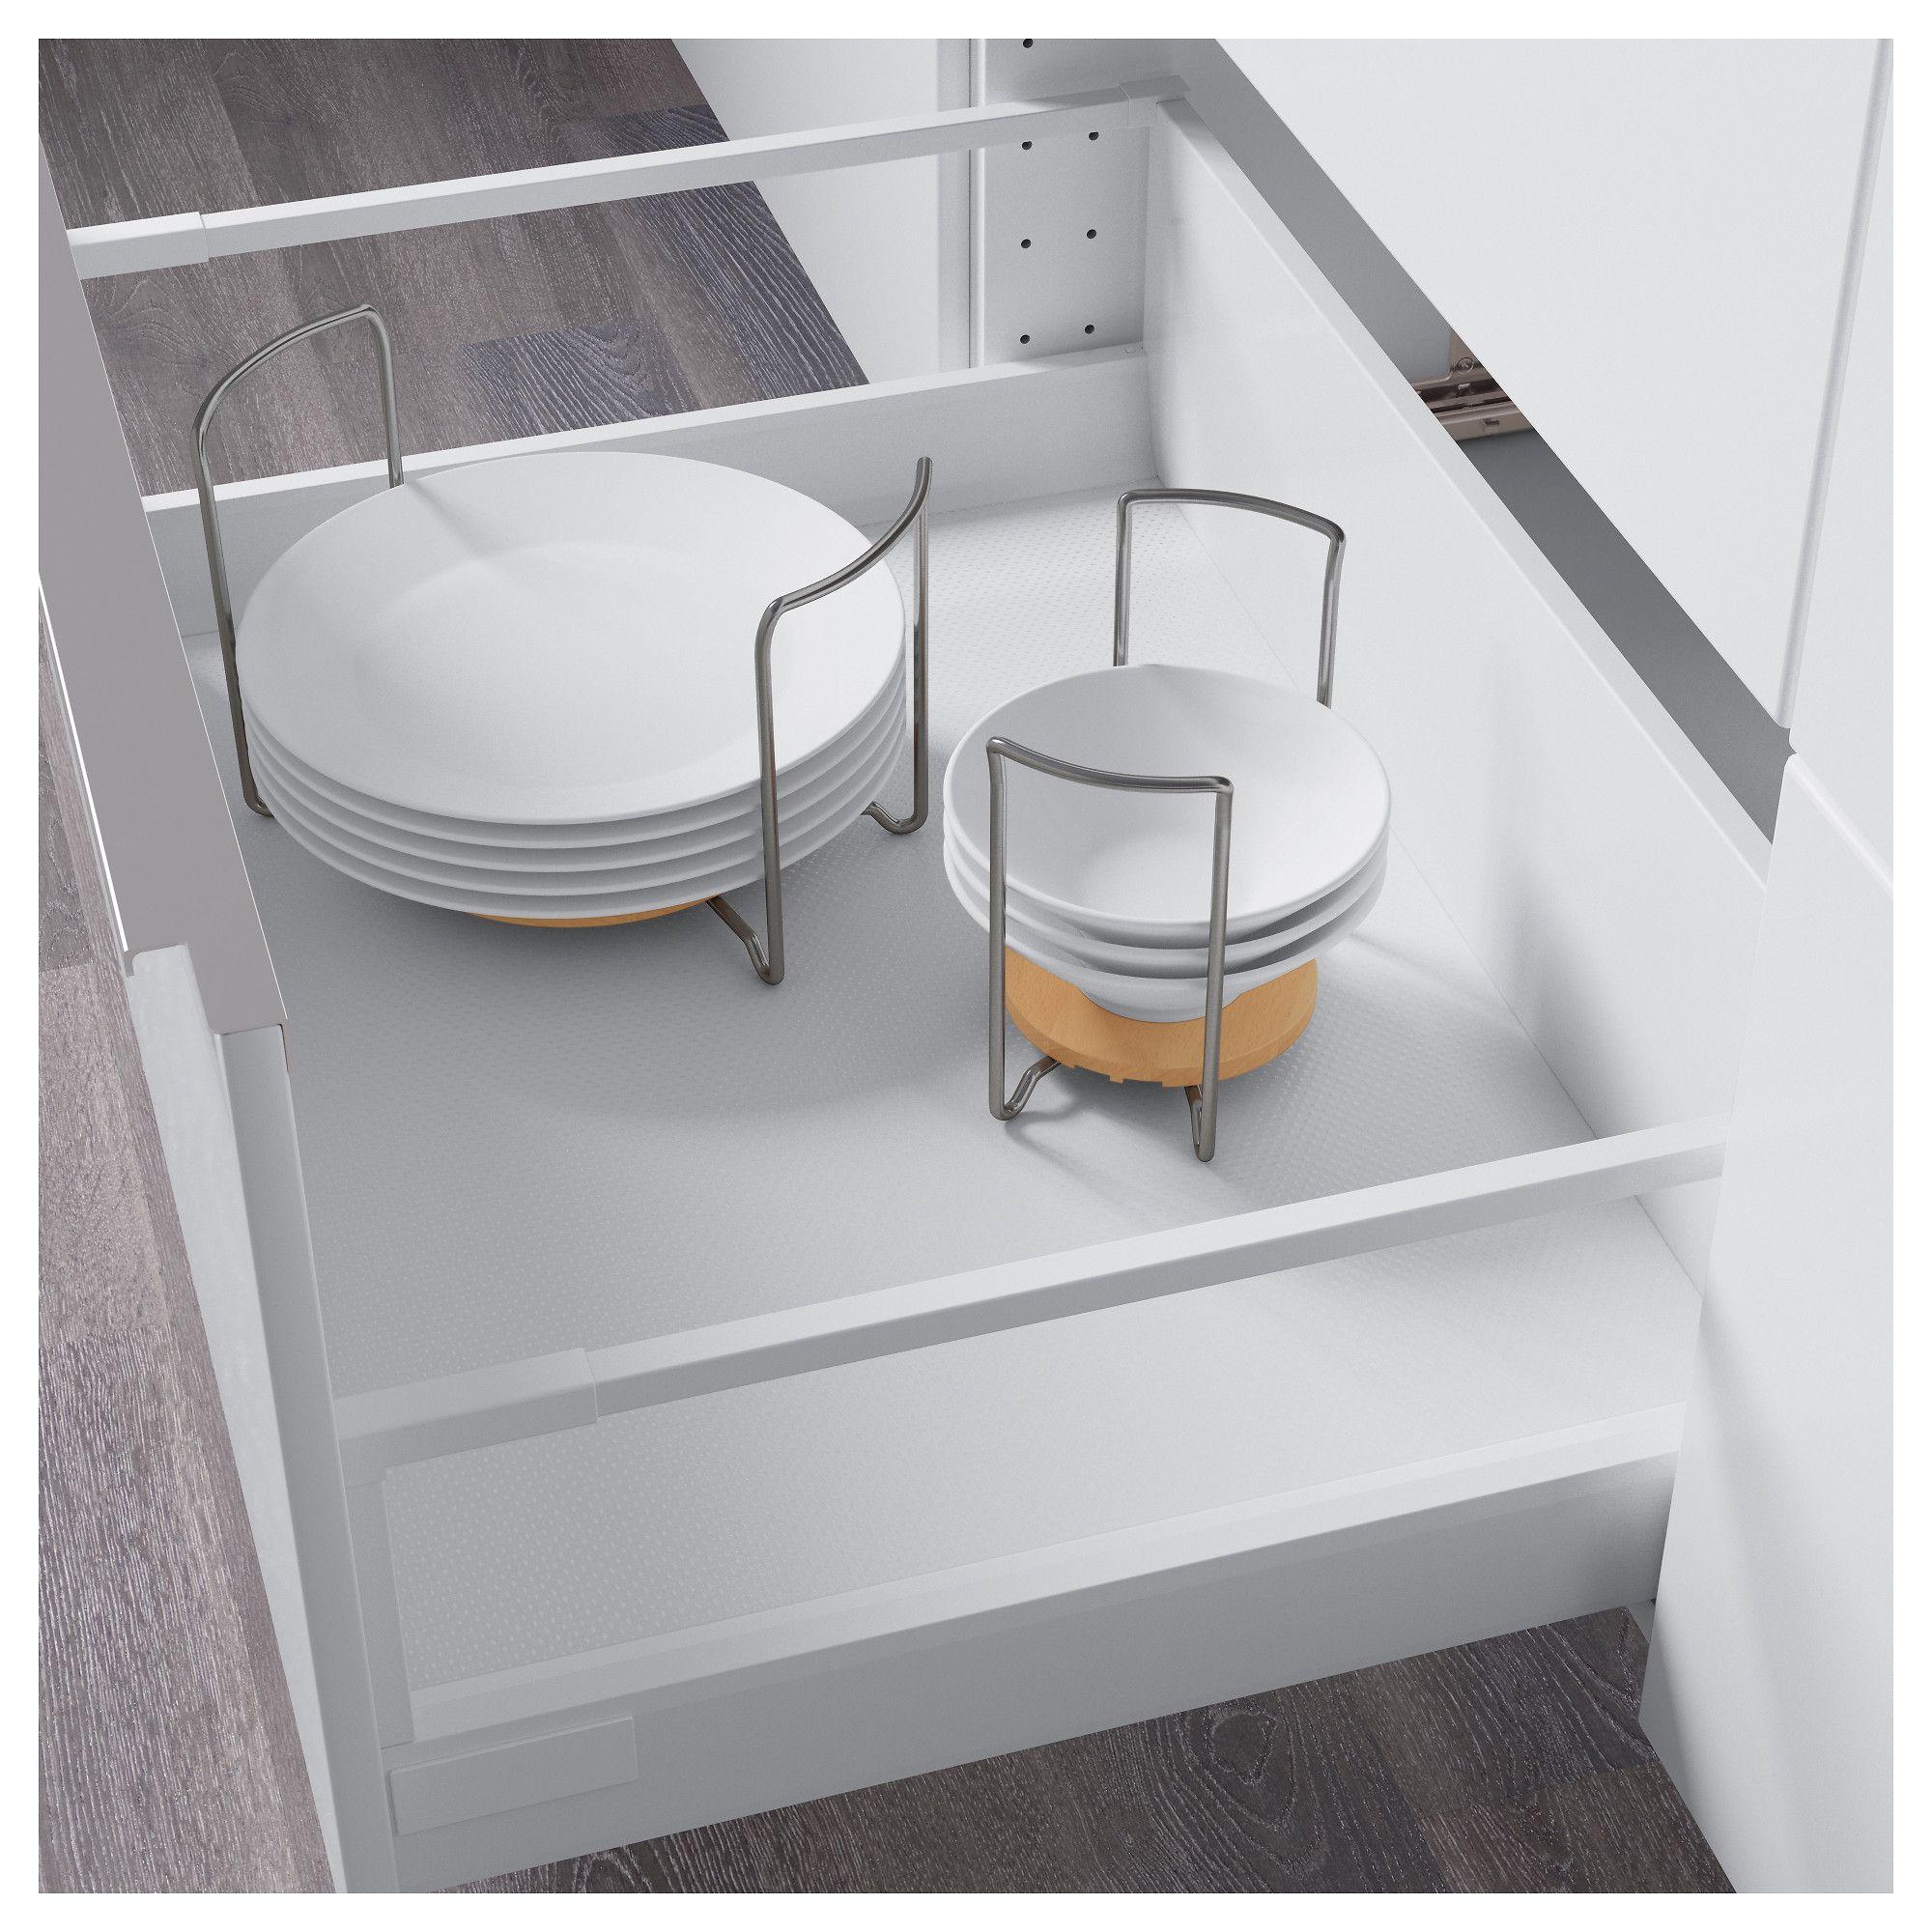 charniere blum ikea cheap cheap led oomlop ikea encastres dans panneau finition pour rendre. Black Bedroom Furniture Sets. Home Design Ideas